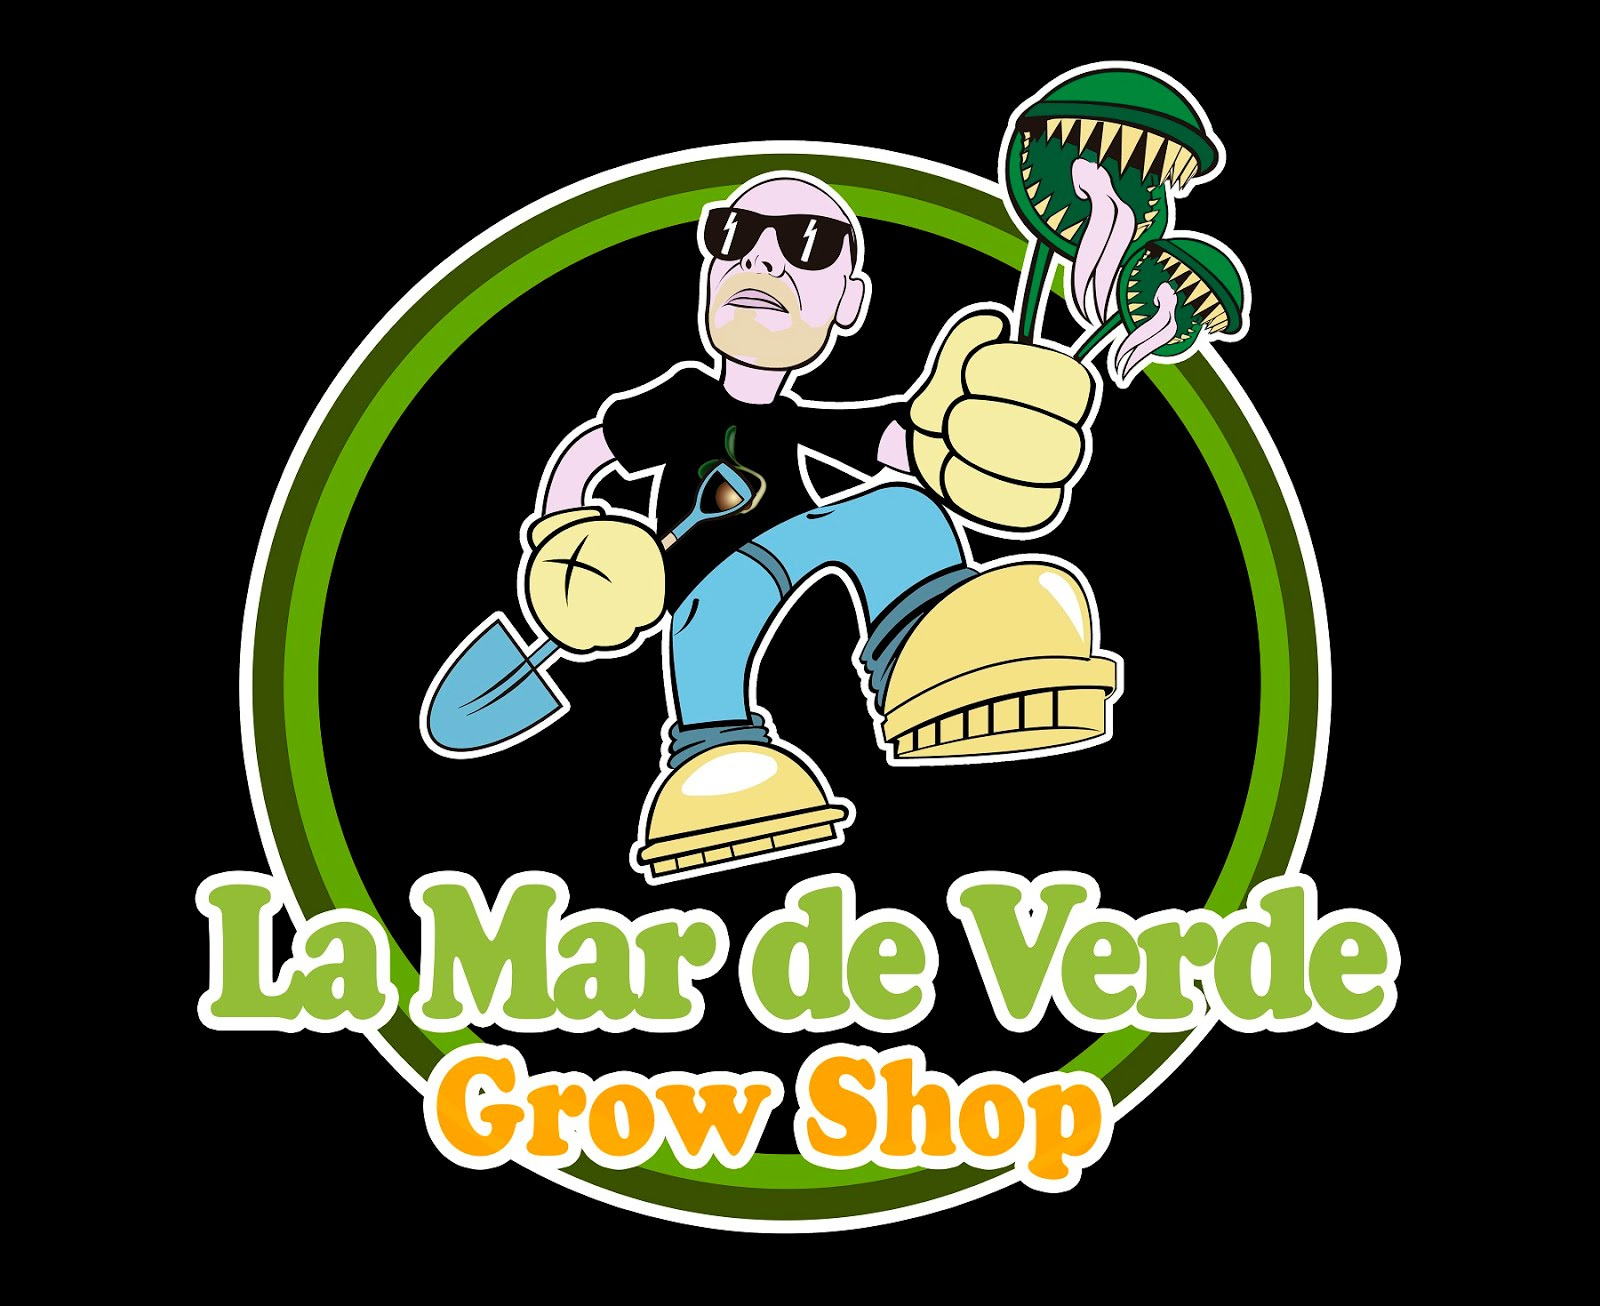 La Mar de Verde Grow Shop